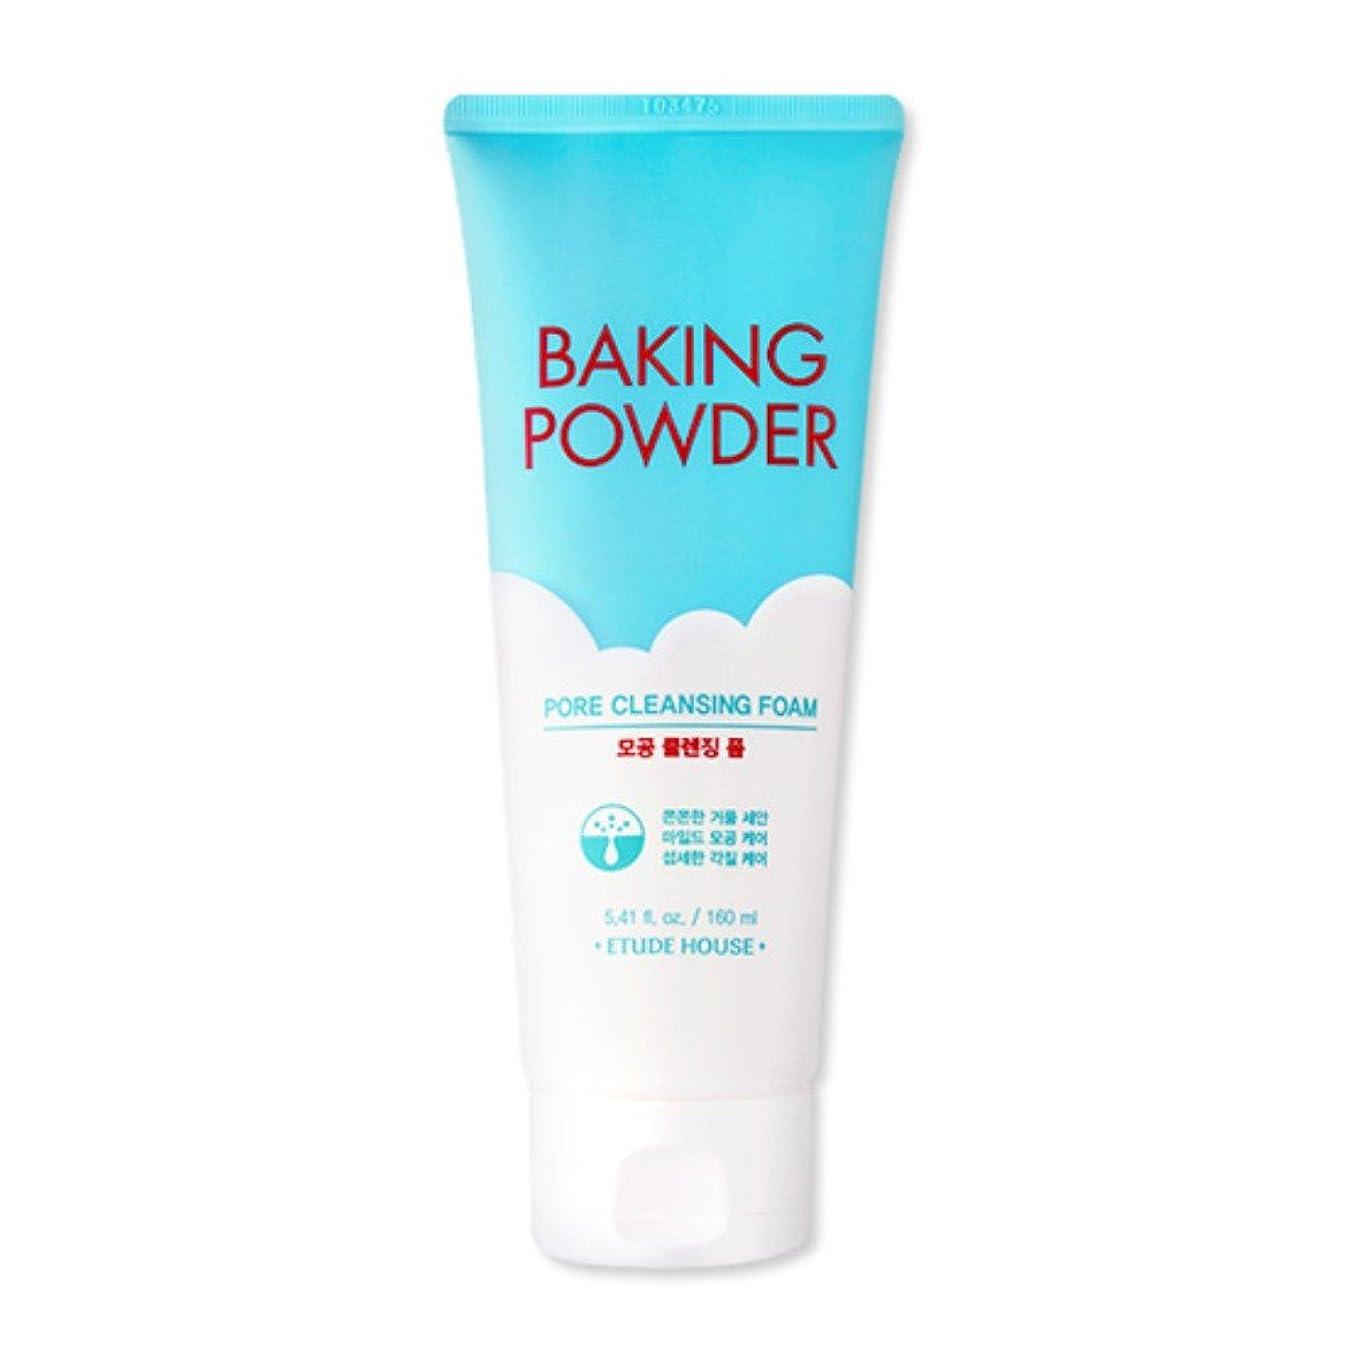 作る過去パニック[2016 Upgrade!] ETUDE HOUSE Baking Powder Pore Cleansing Foam 160ml/エチュードハウス ベーキング パウダー ポア クレンジング フォーム 160ml [並行輸入品]